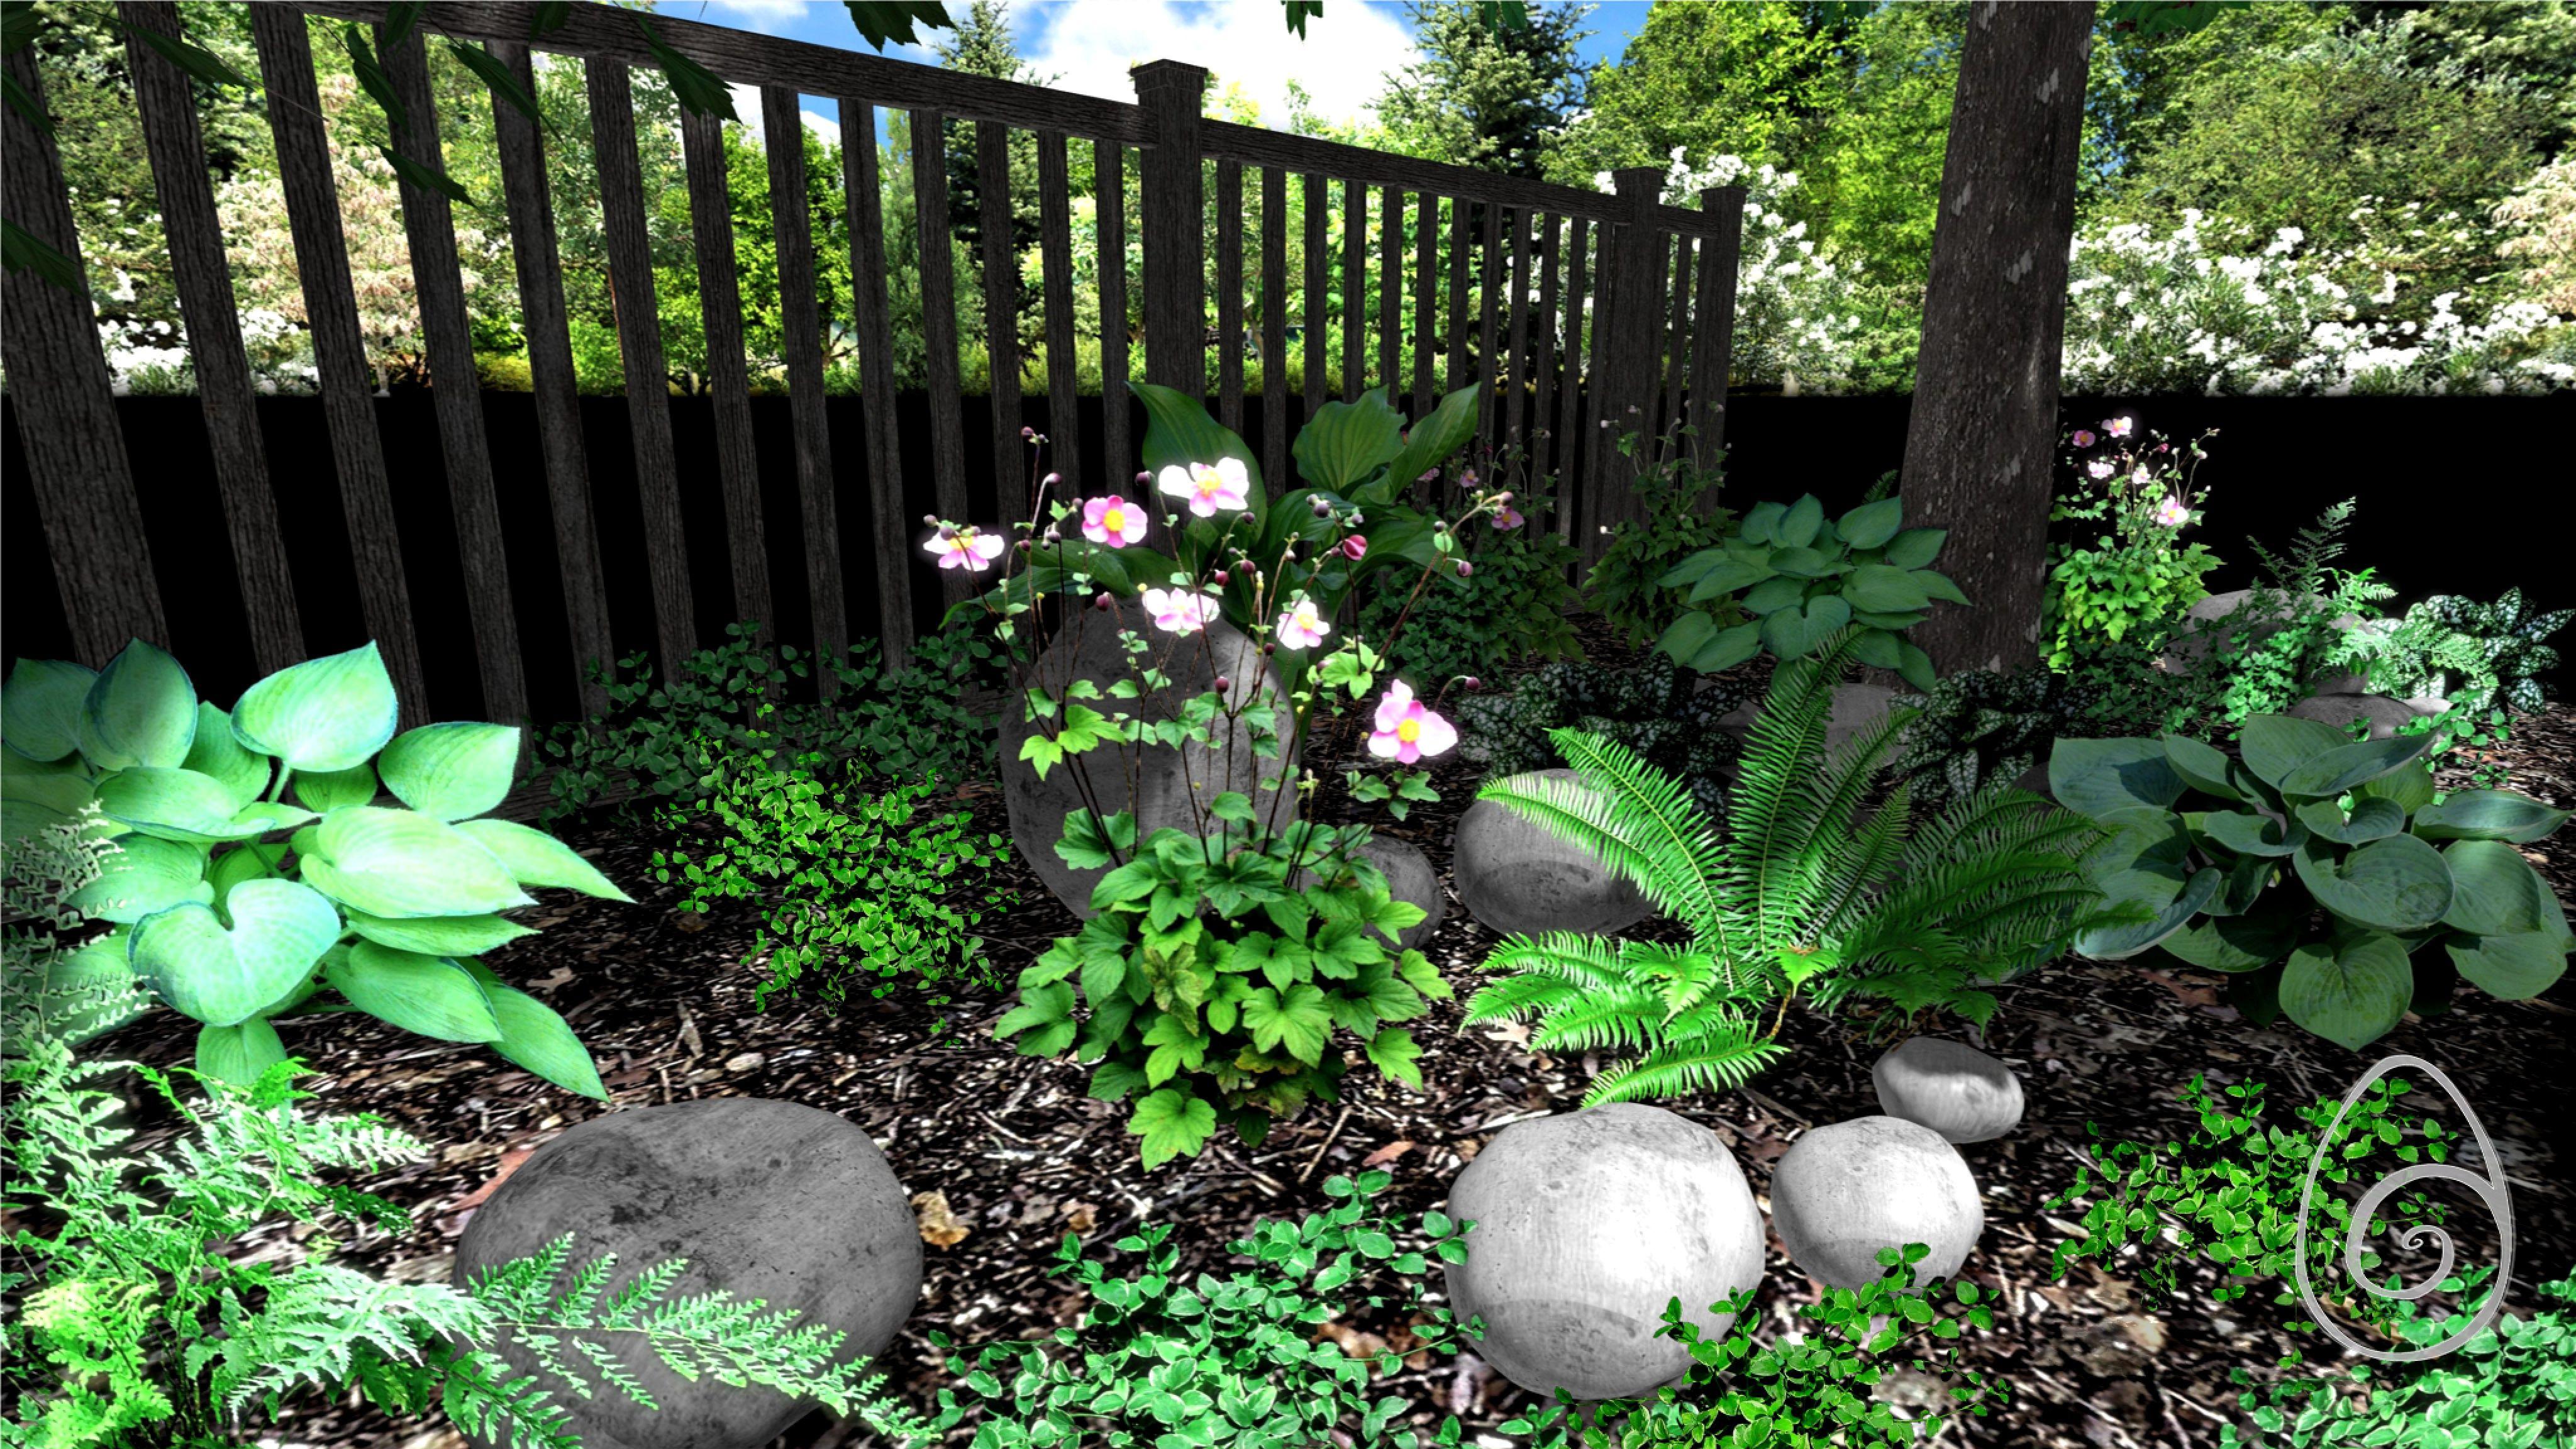 Jak Zaprojektowac I Pielegnowac Rabate Pod Drzewami Plants Pods